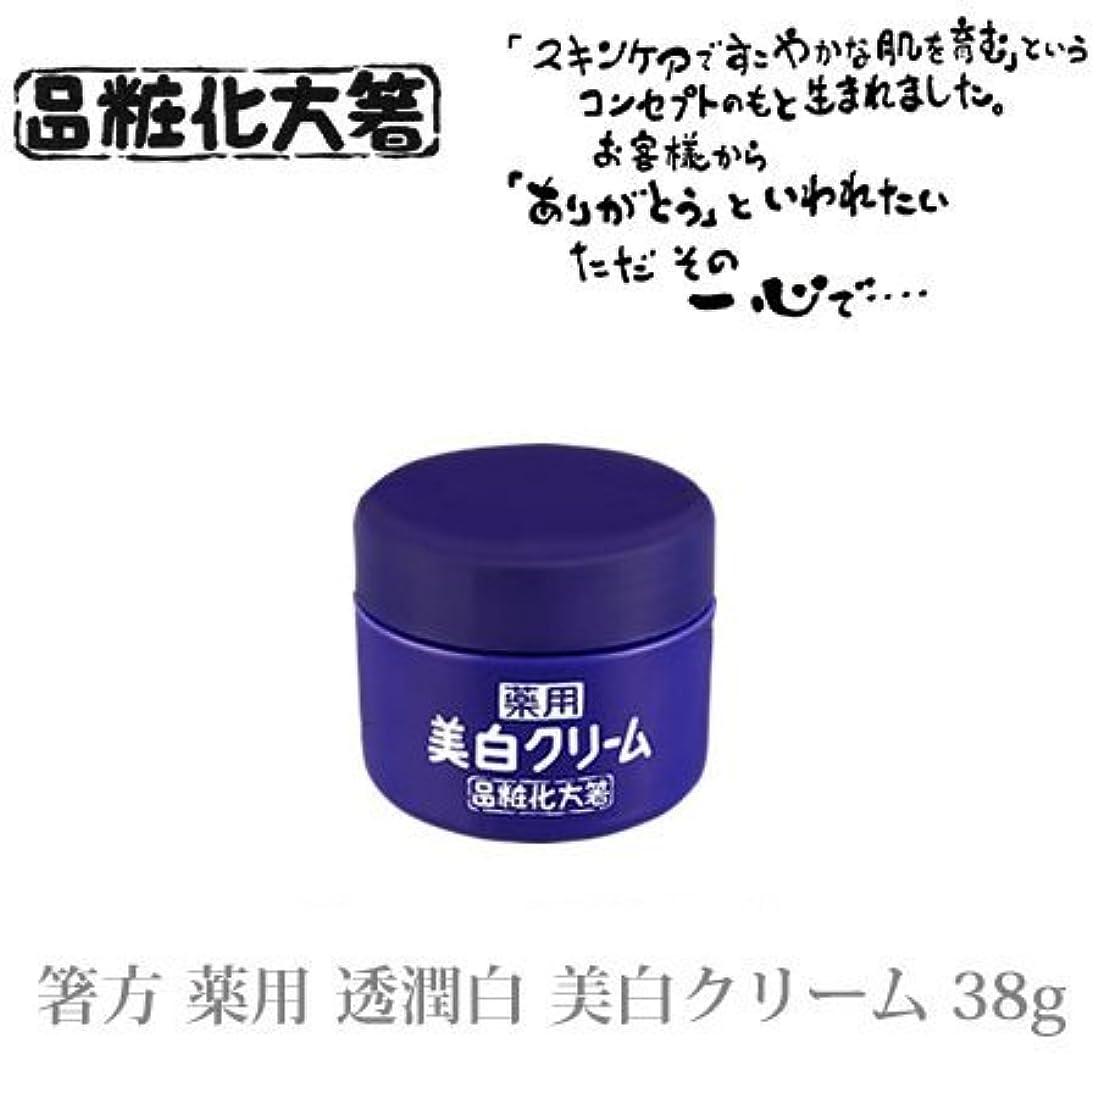 優先権野球簿記係箸方化粧品 薬用 透潤白 美白クリーム 38g はしかた化粧品